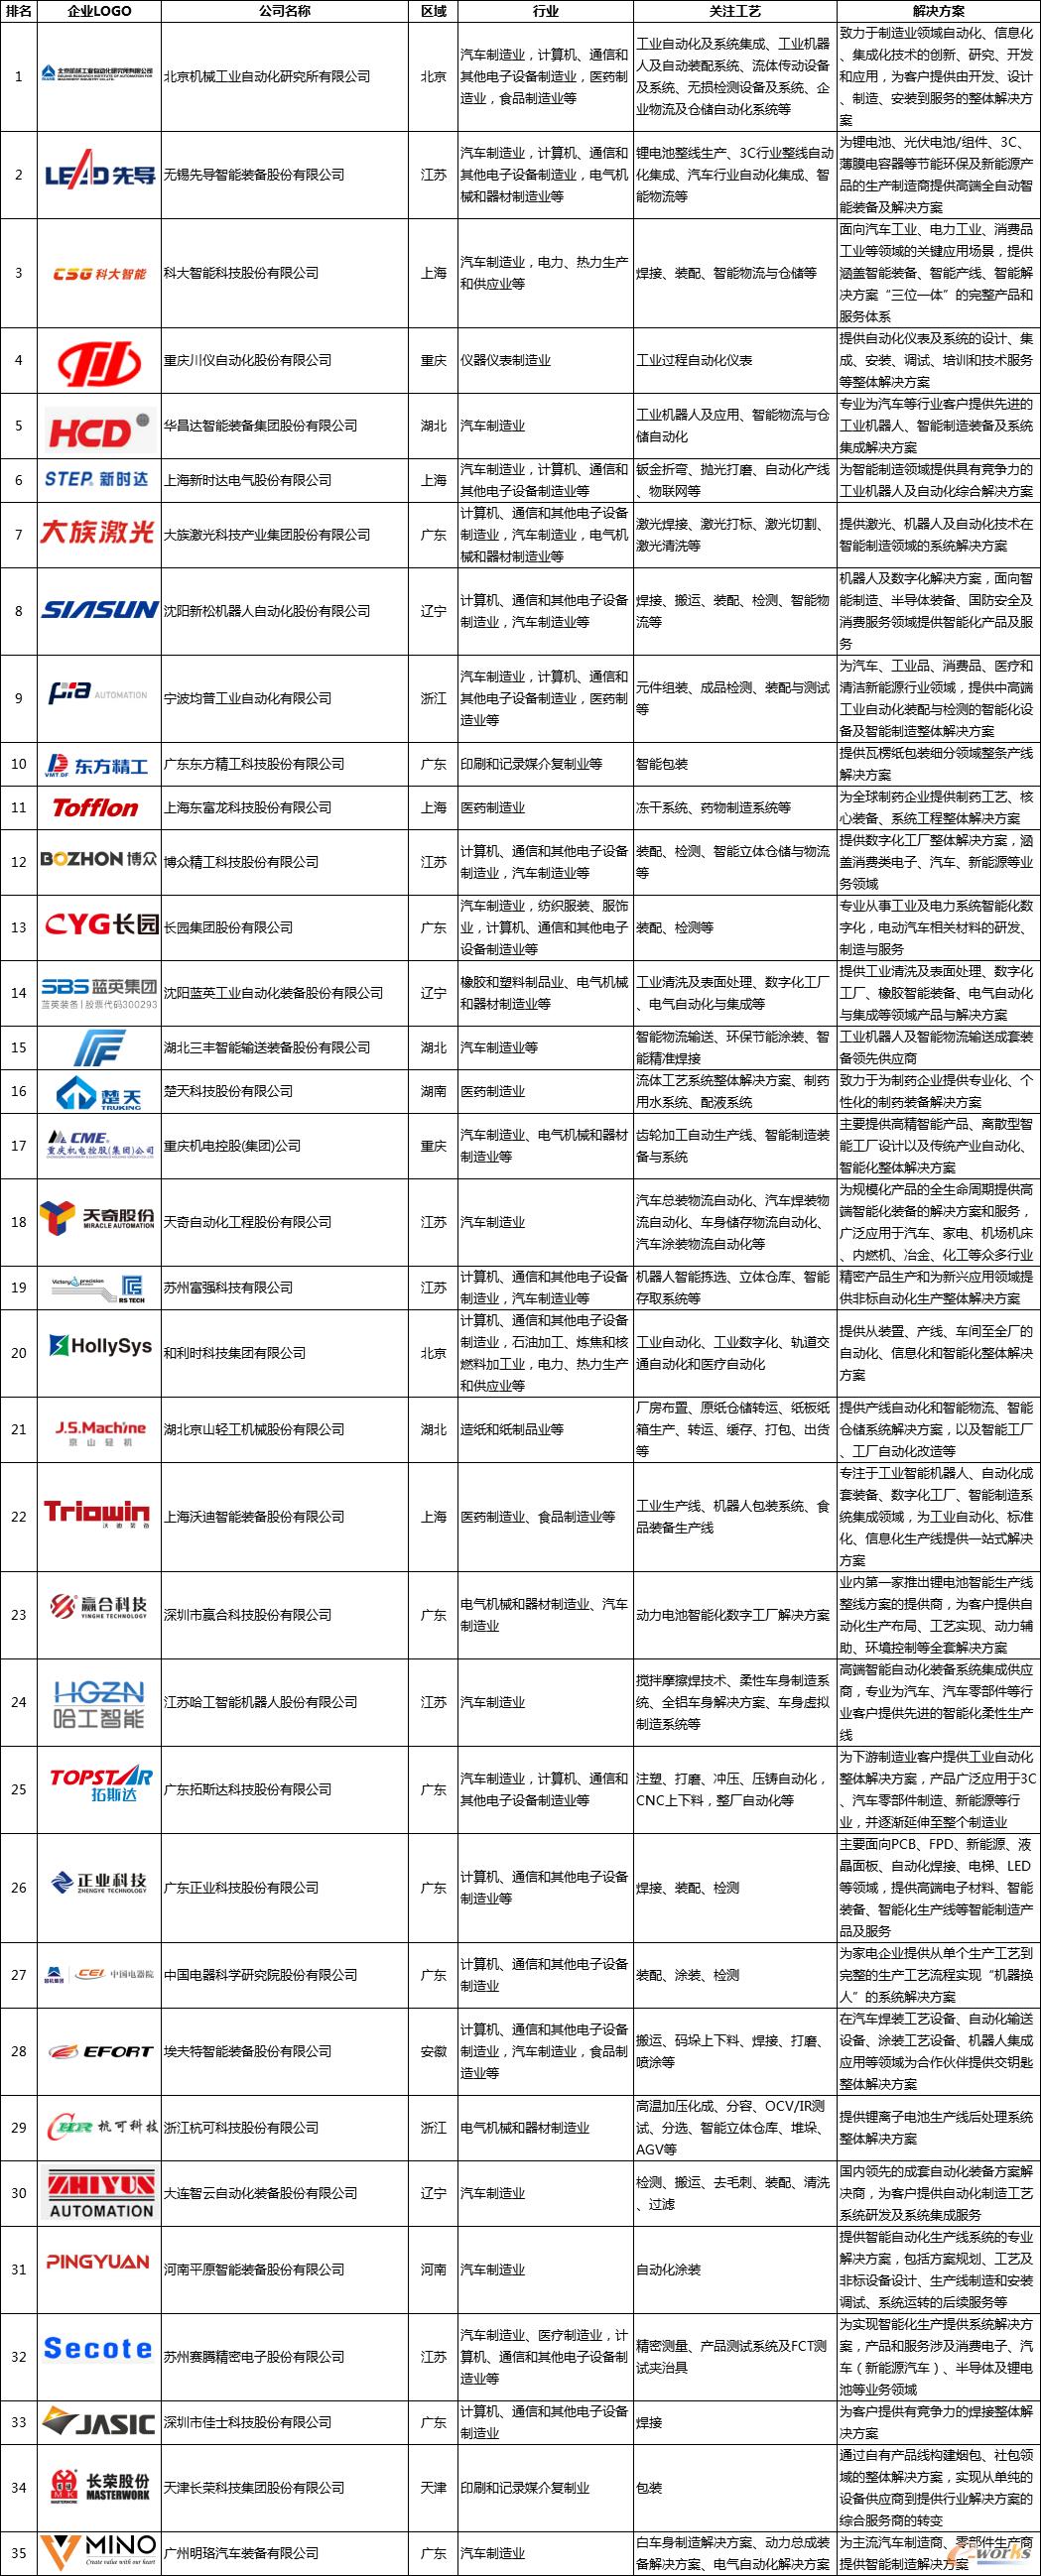 中国智能工厂自动化集成商百强榜1